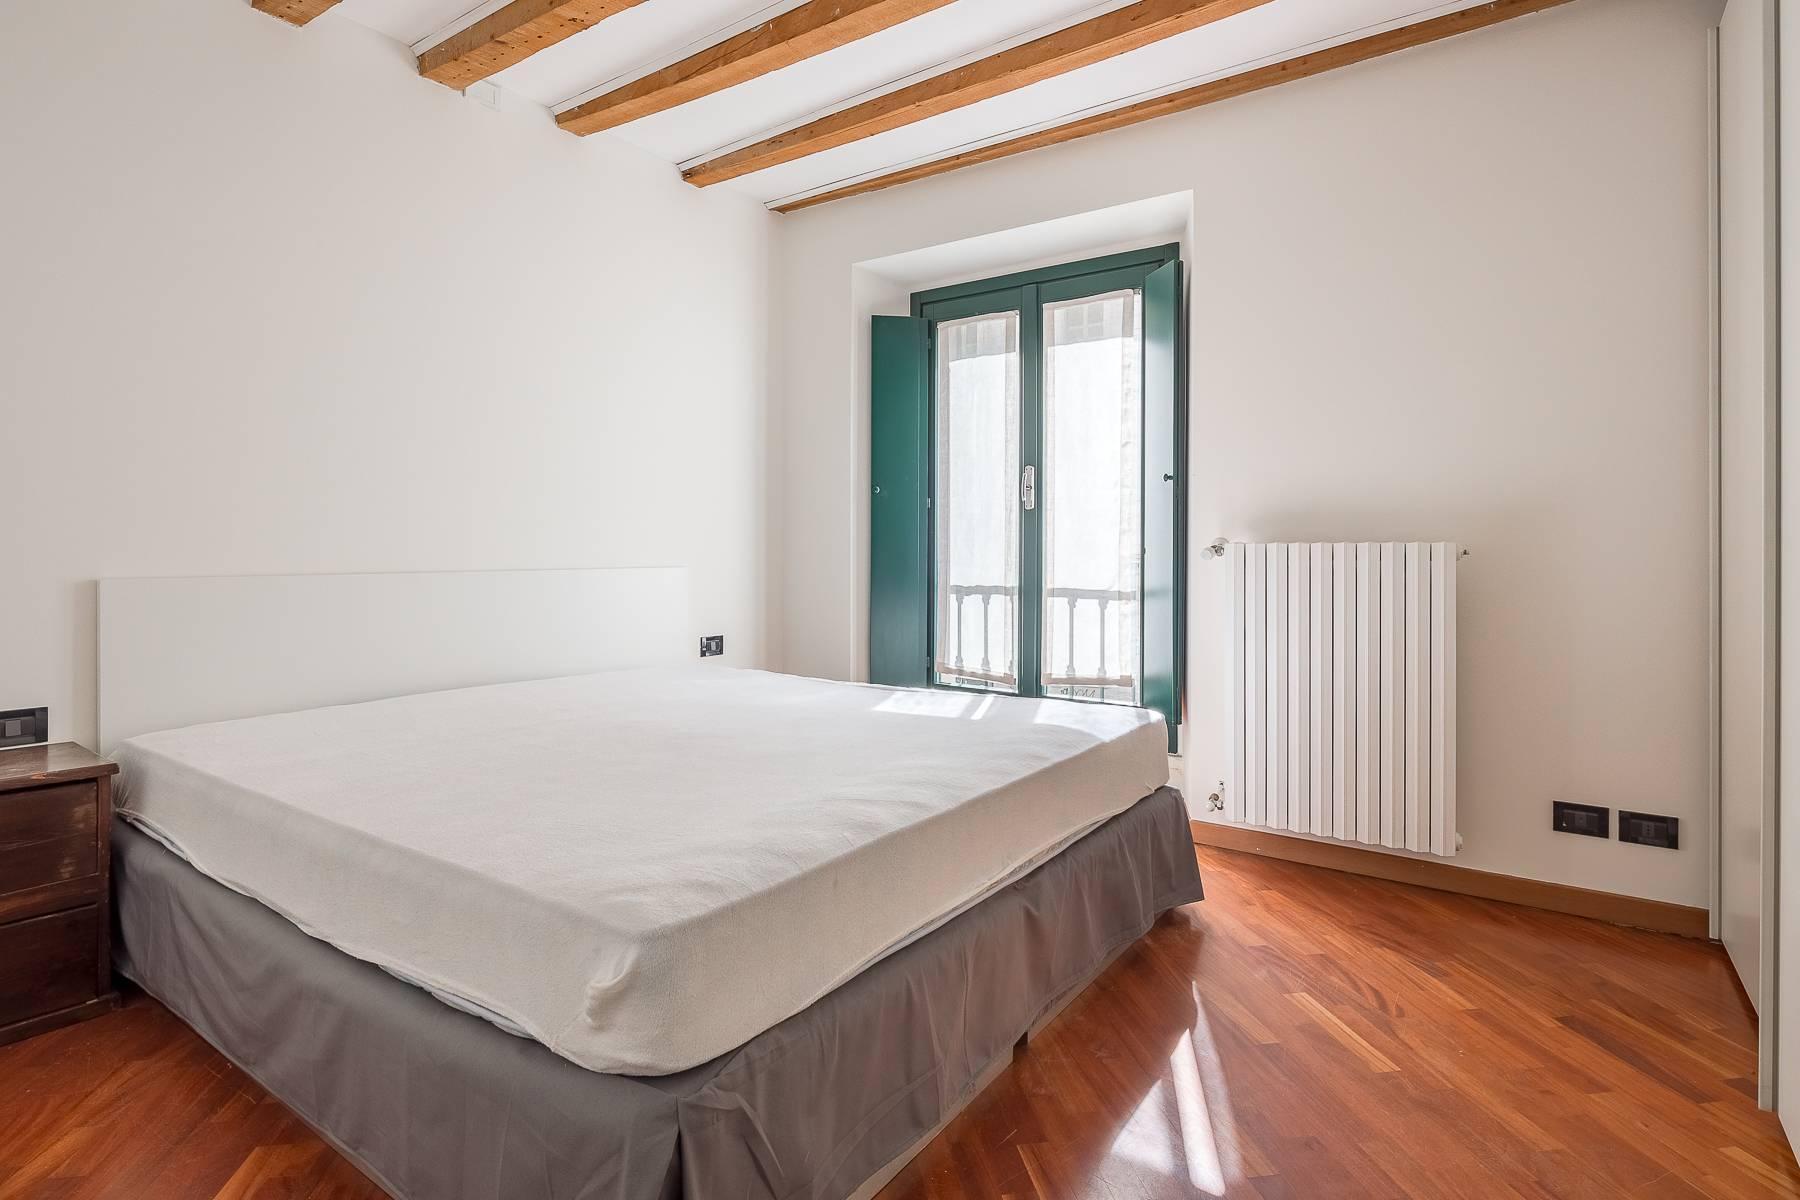 Renovierte Zwei-zimmer wohnung im Stadtviertel Navigli - 10